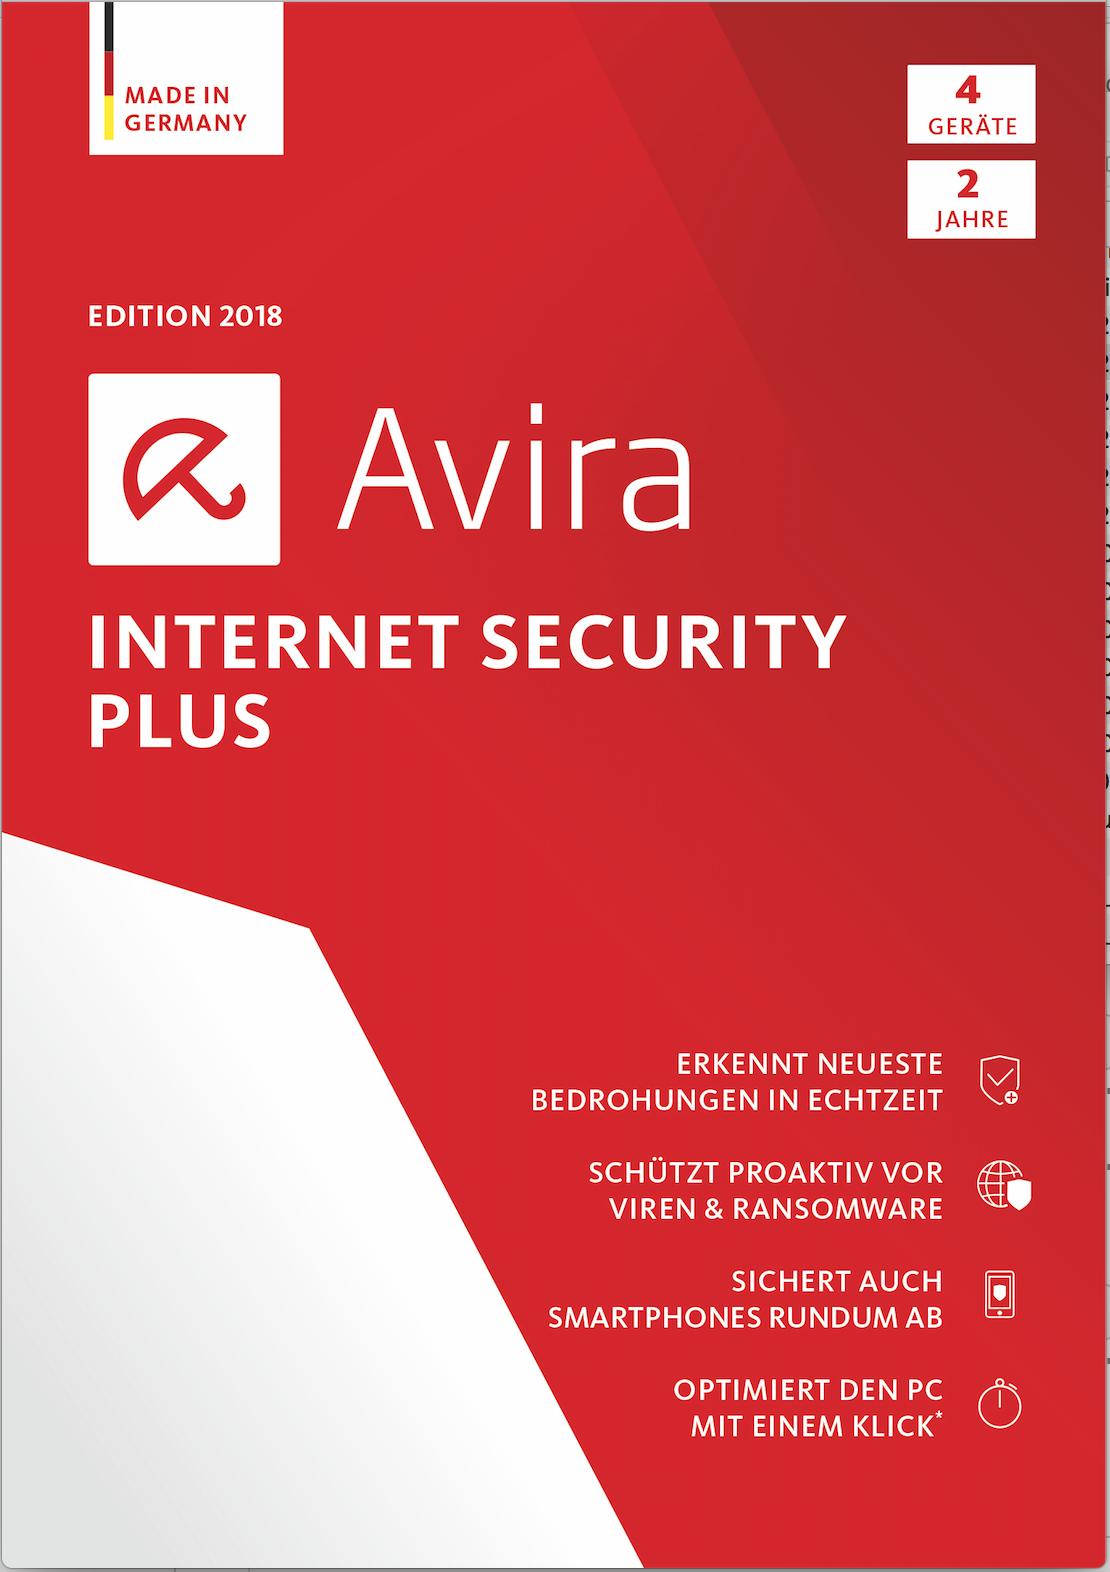 Avira Internet Security Plus Edition 2018 / Sicheres Virenschutzprogramm inkl. Avira System Speedup (2-Jahres-Abonnement) für 4 Geräte / Download für Windows (7, 8, 8.1, 10), Mac & Android [Online Code]